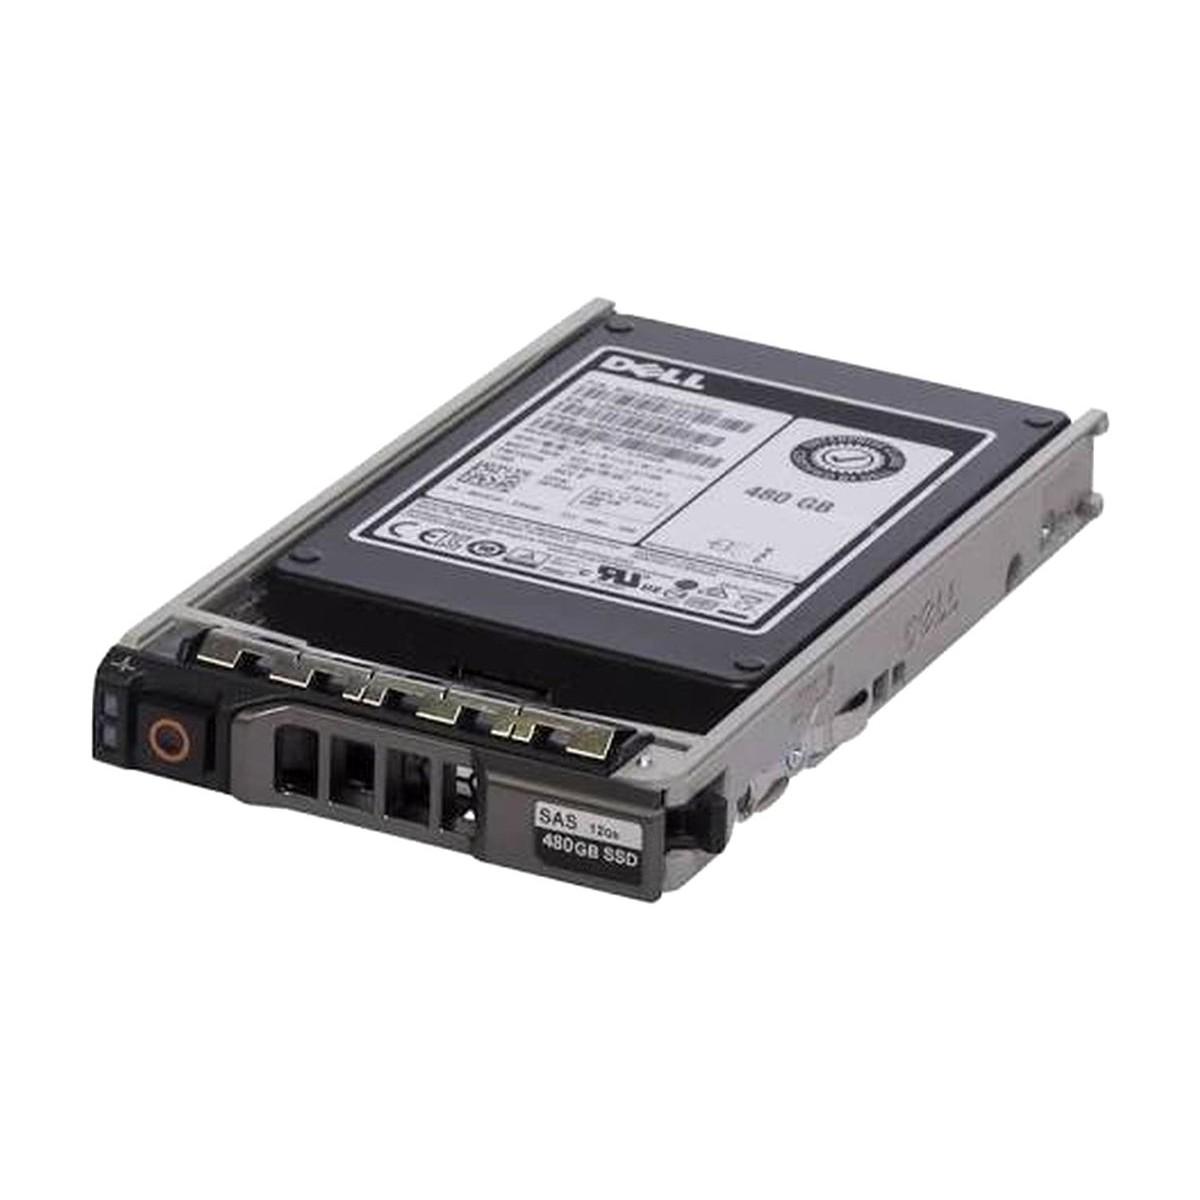 HP STORAGE 1640 E5 8GB 4x4TB P822 WIN2012 R2 STD